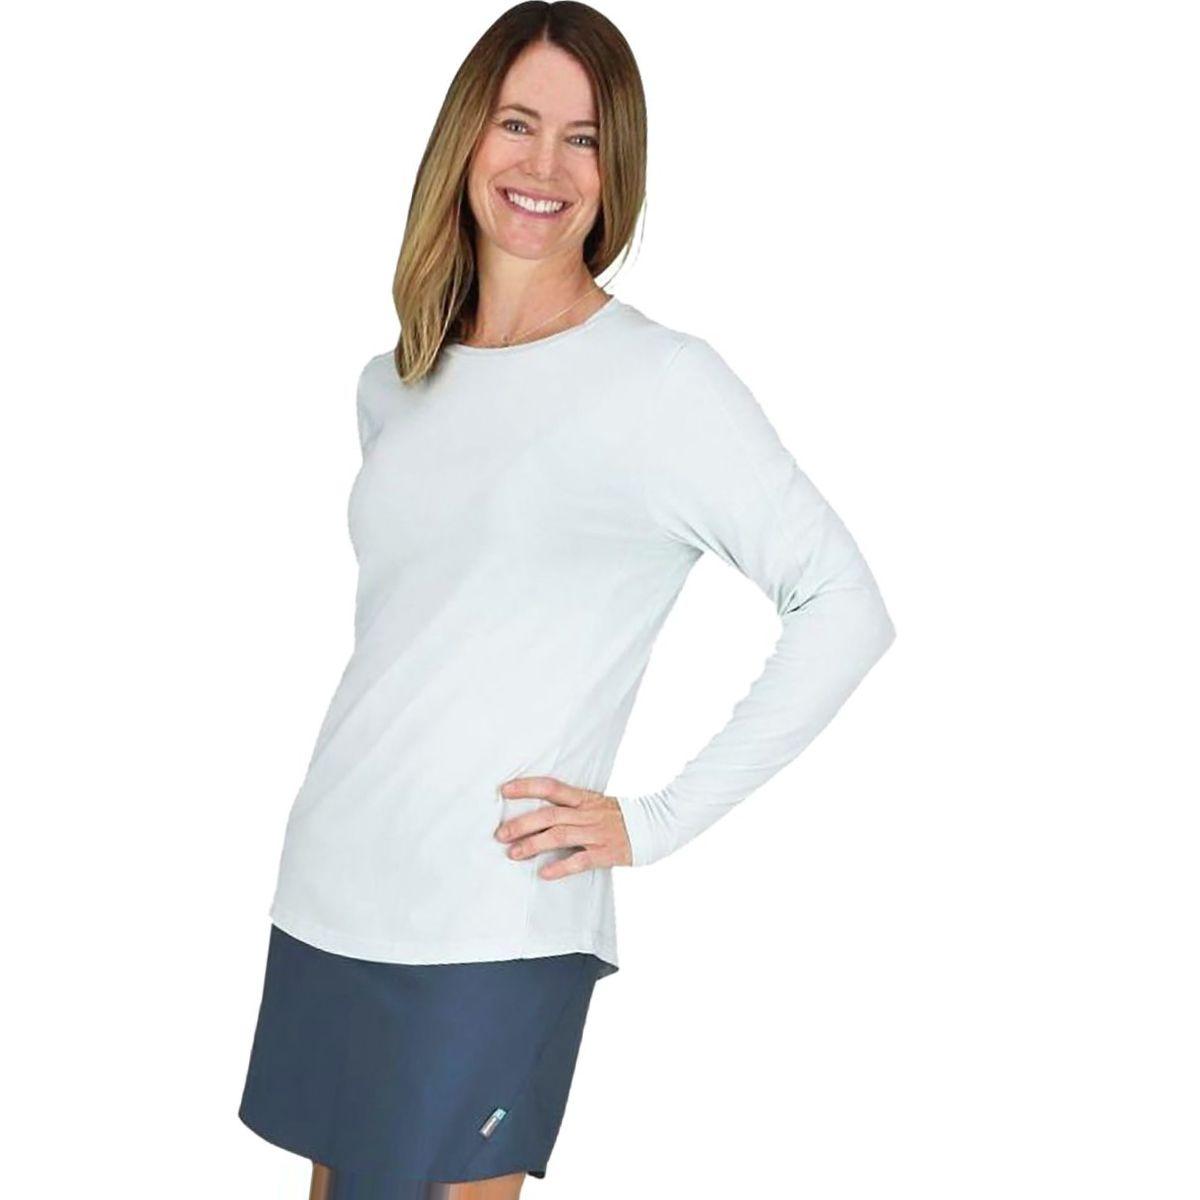 Simms BugStopper T-Shirt - Women's